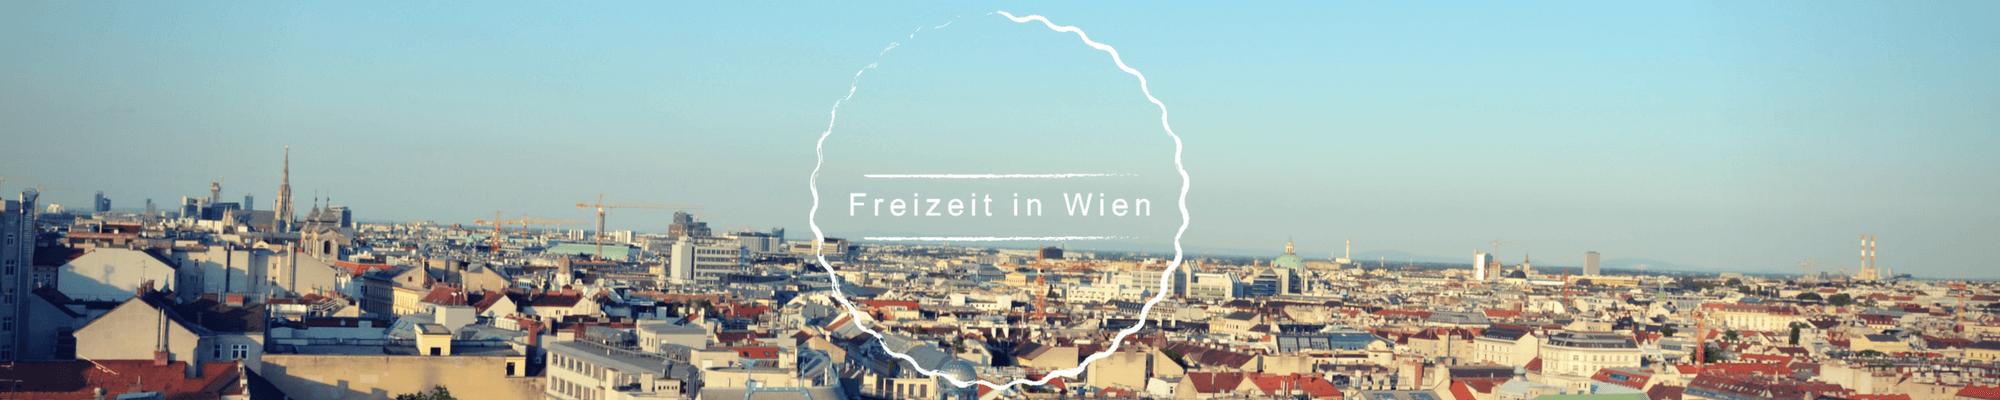 Freizeit in Wien